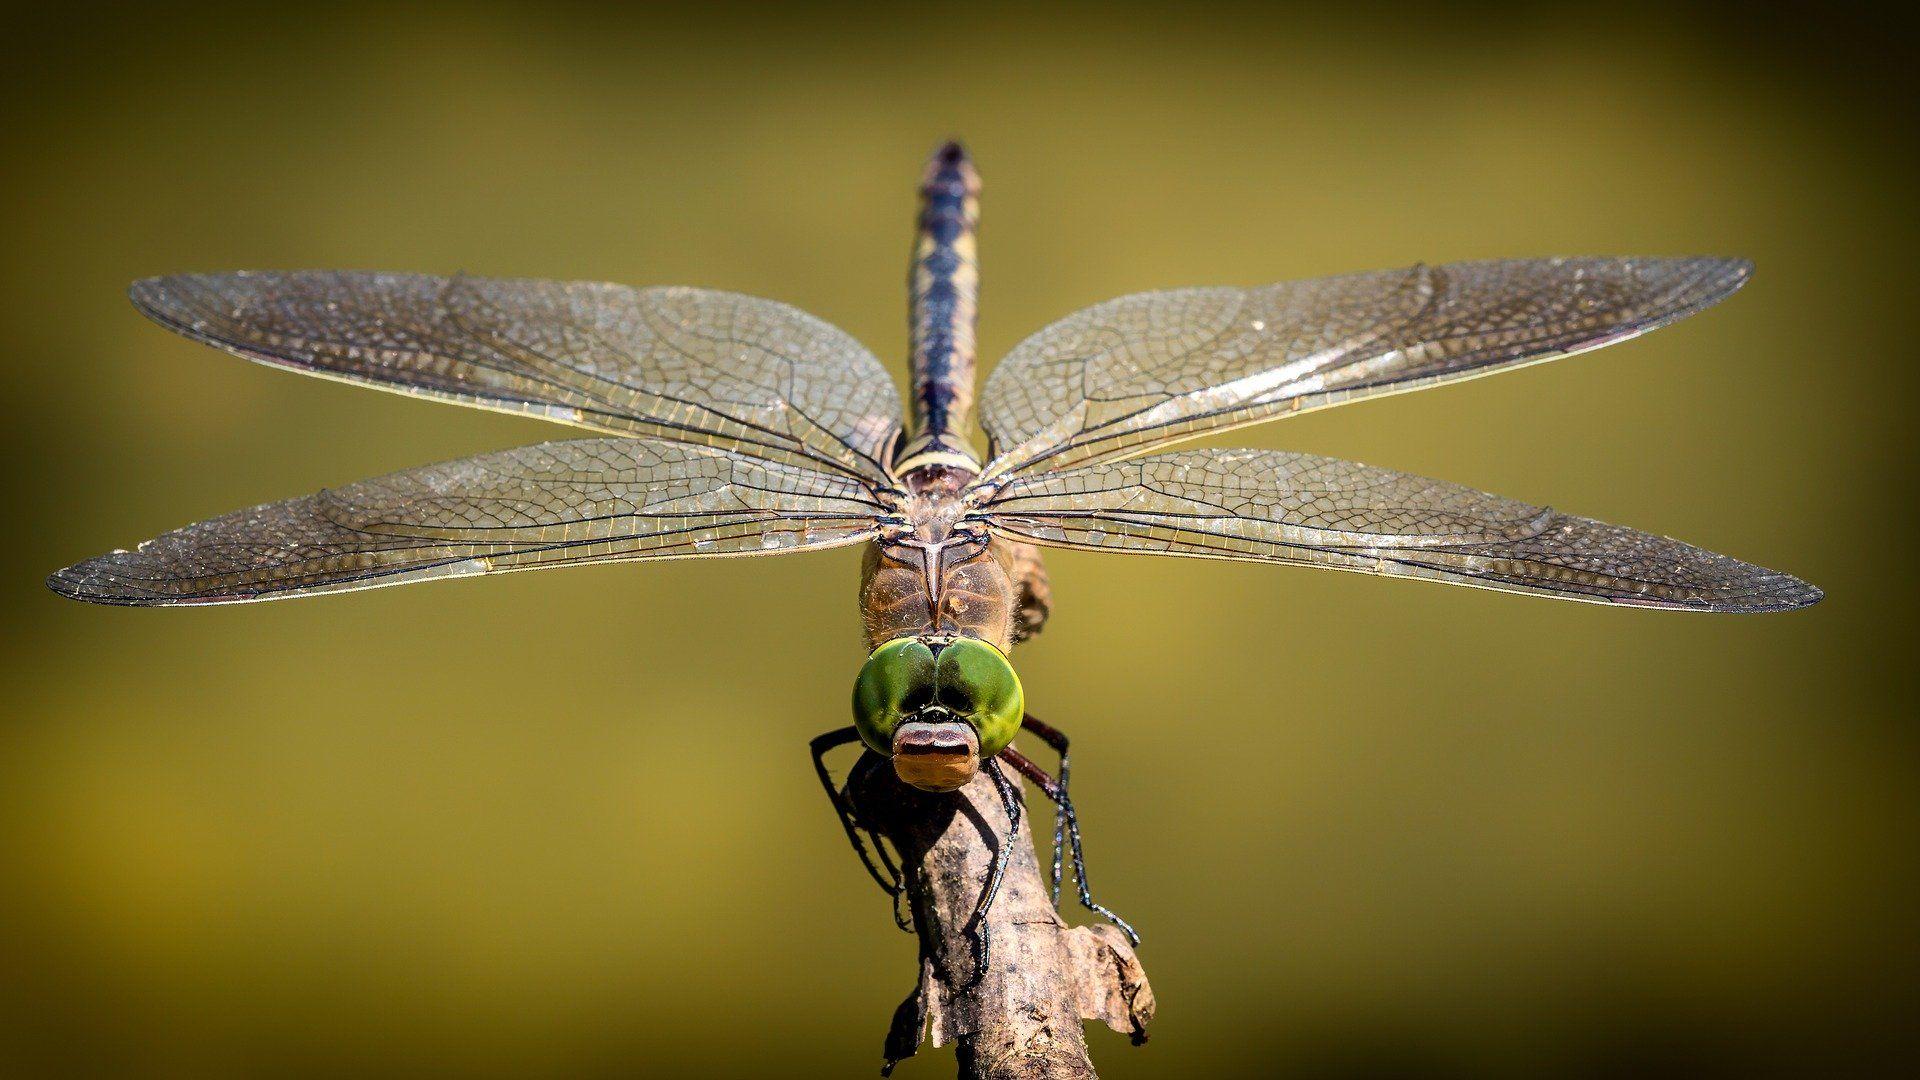 Weniger Ameisen, mehr Libellen